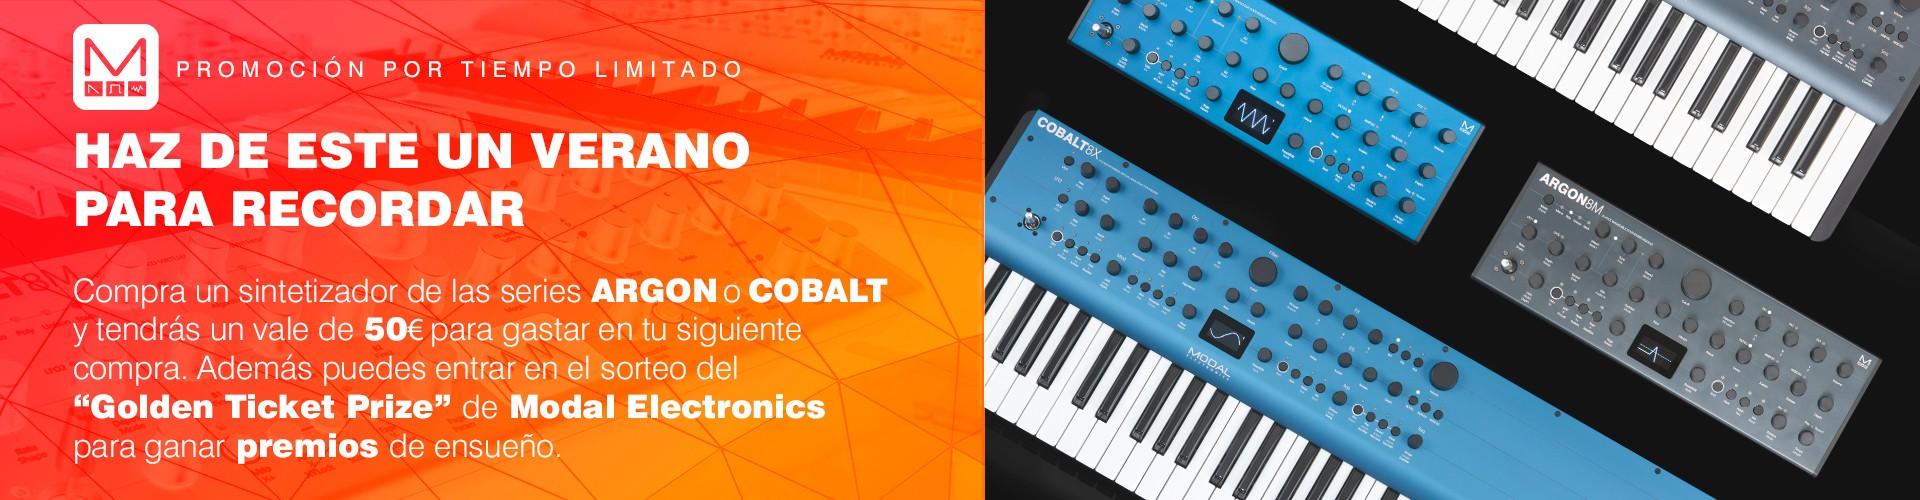 Compra un sintetizador de las series ARGON o COBALT y tendrás un vale de 50€ para gastar en tu siguiente compra - Promoción válida hasta 30/09/2021